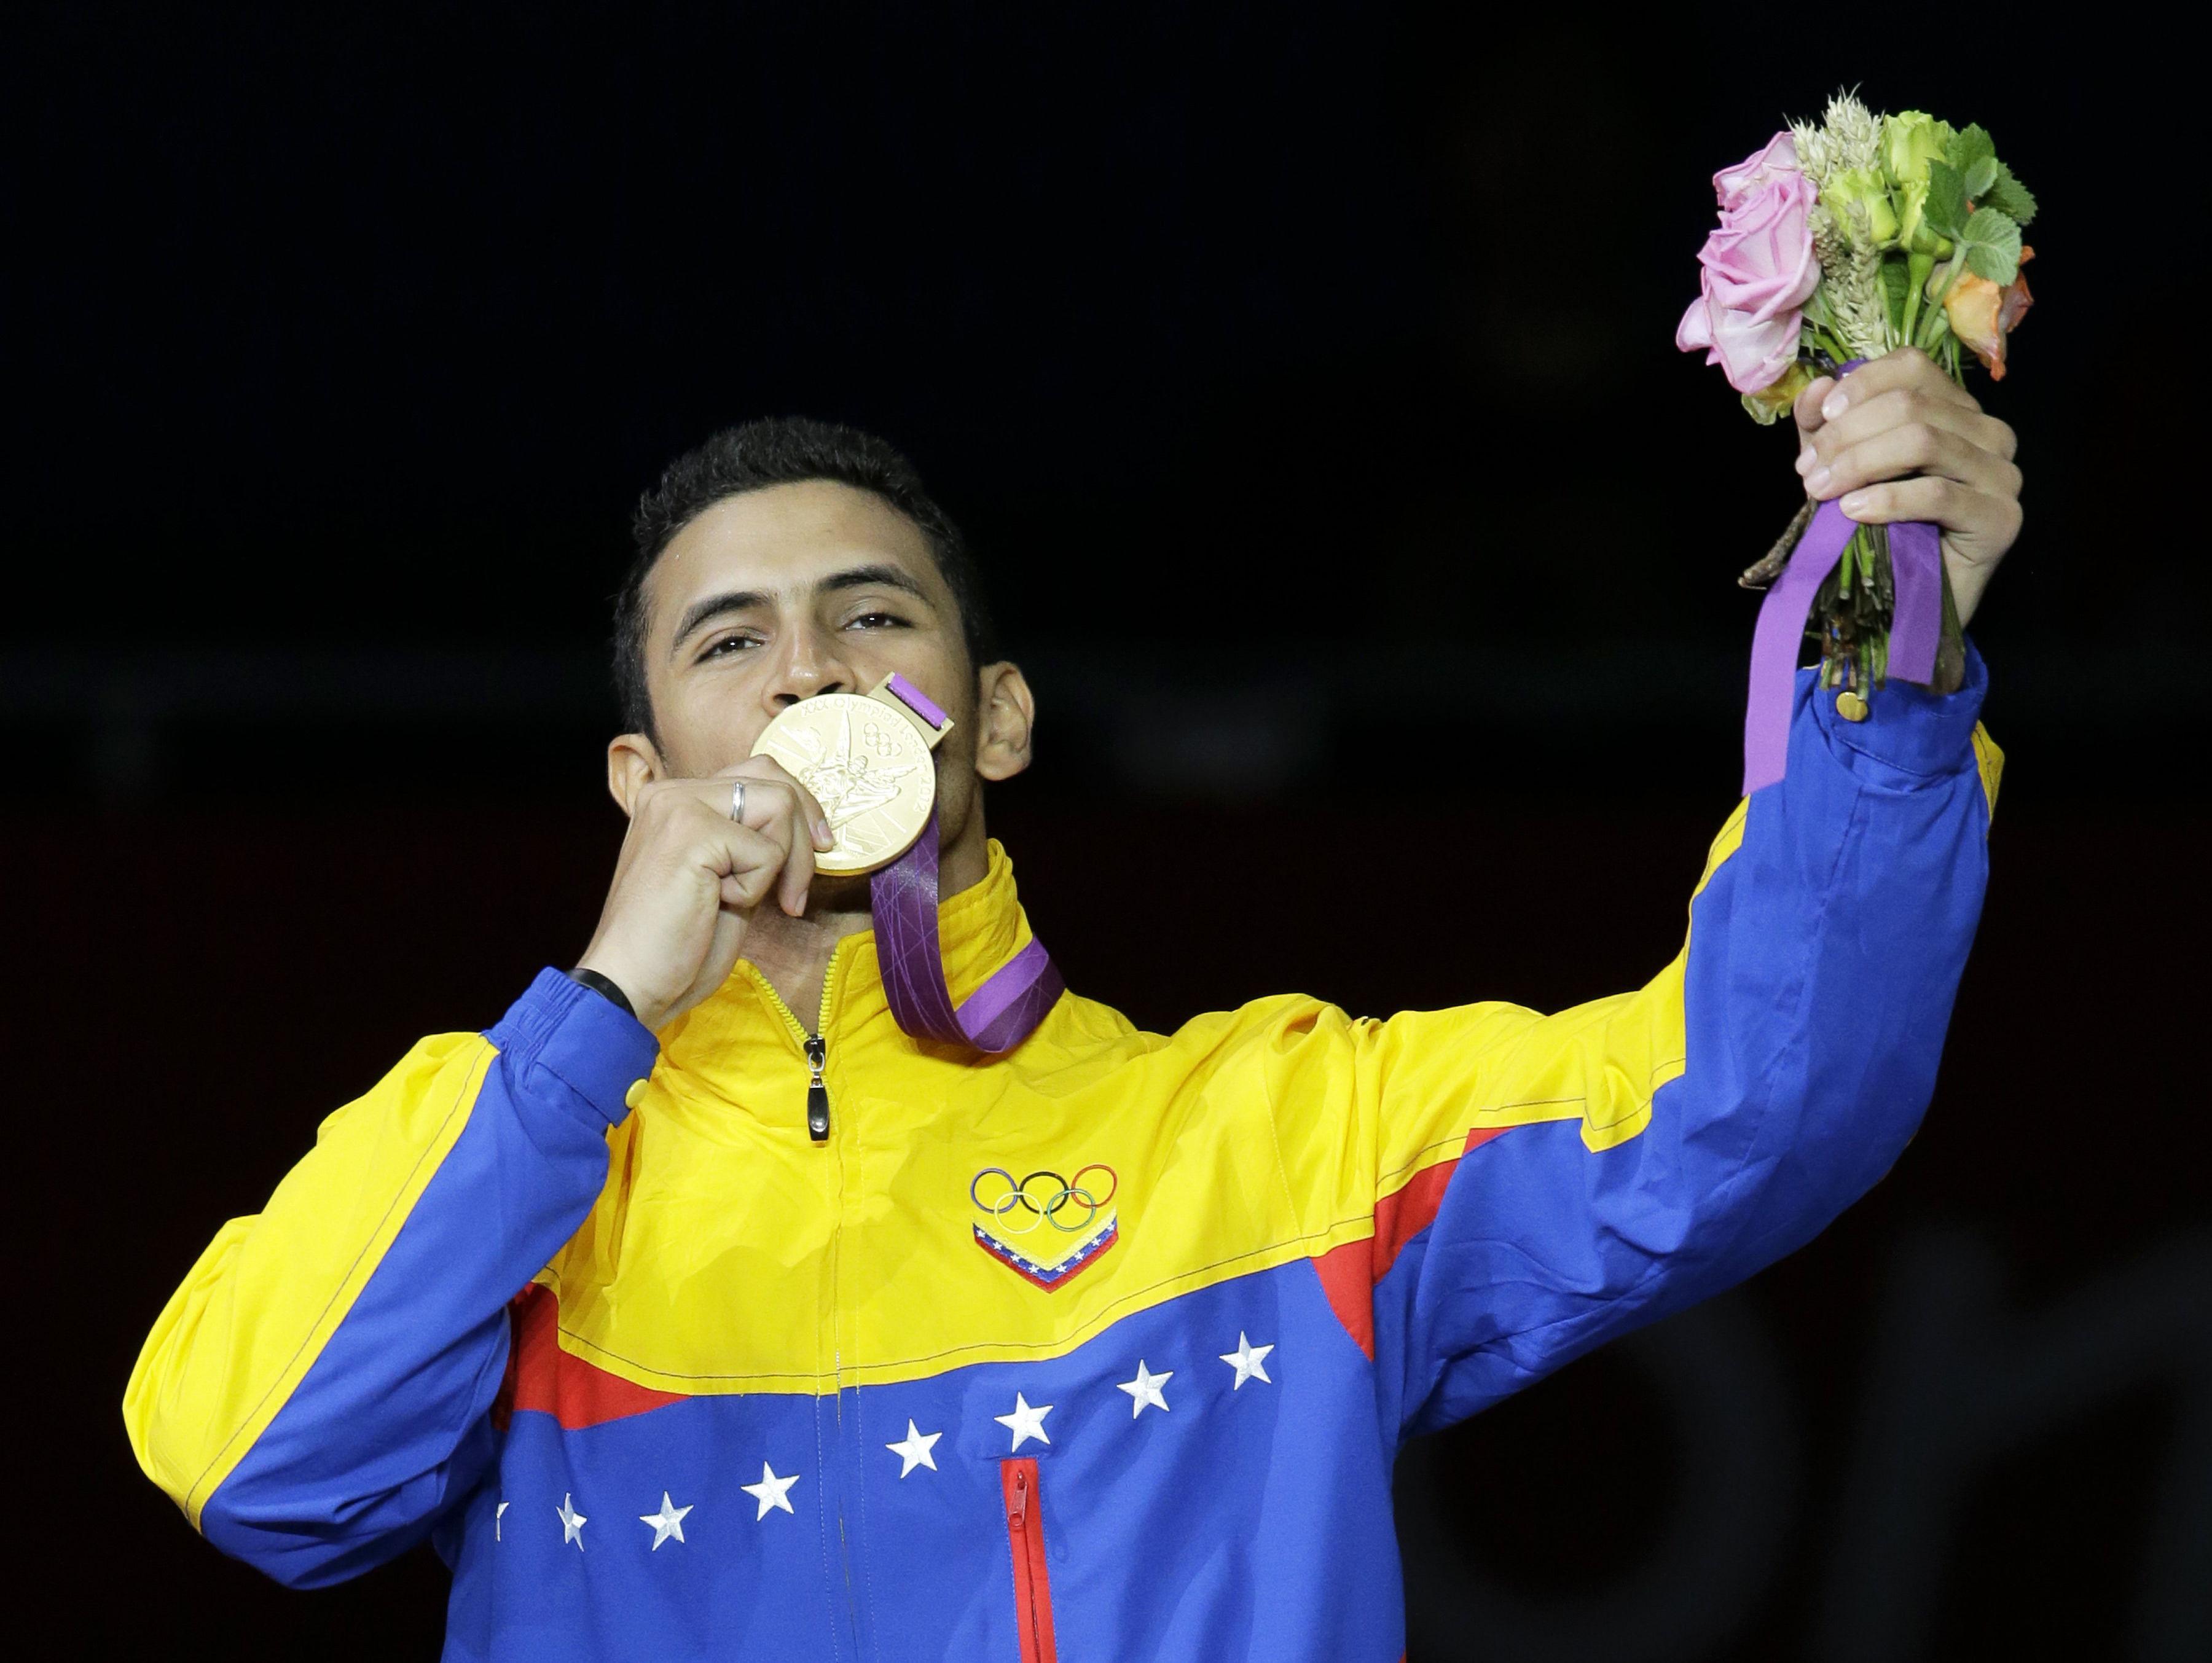 Rubén Limardo, campeón de esgrima Venezolano